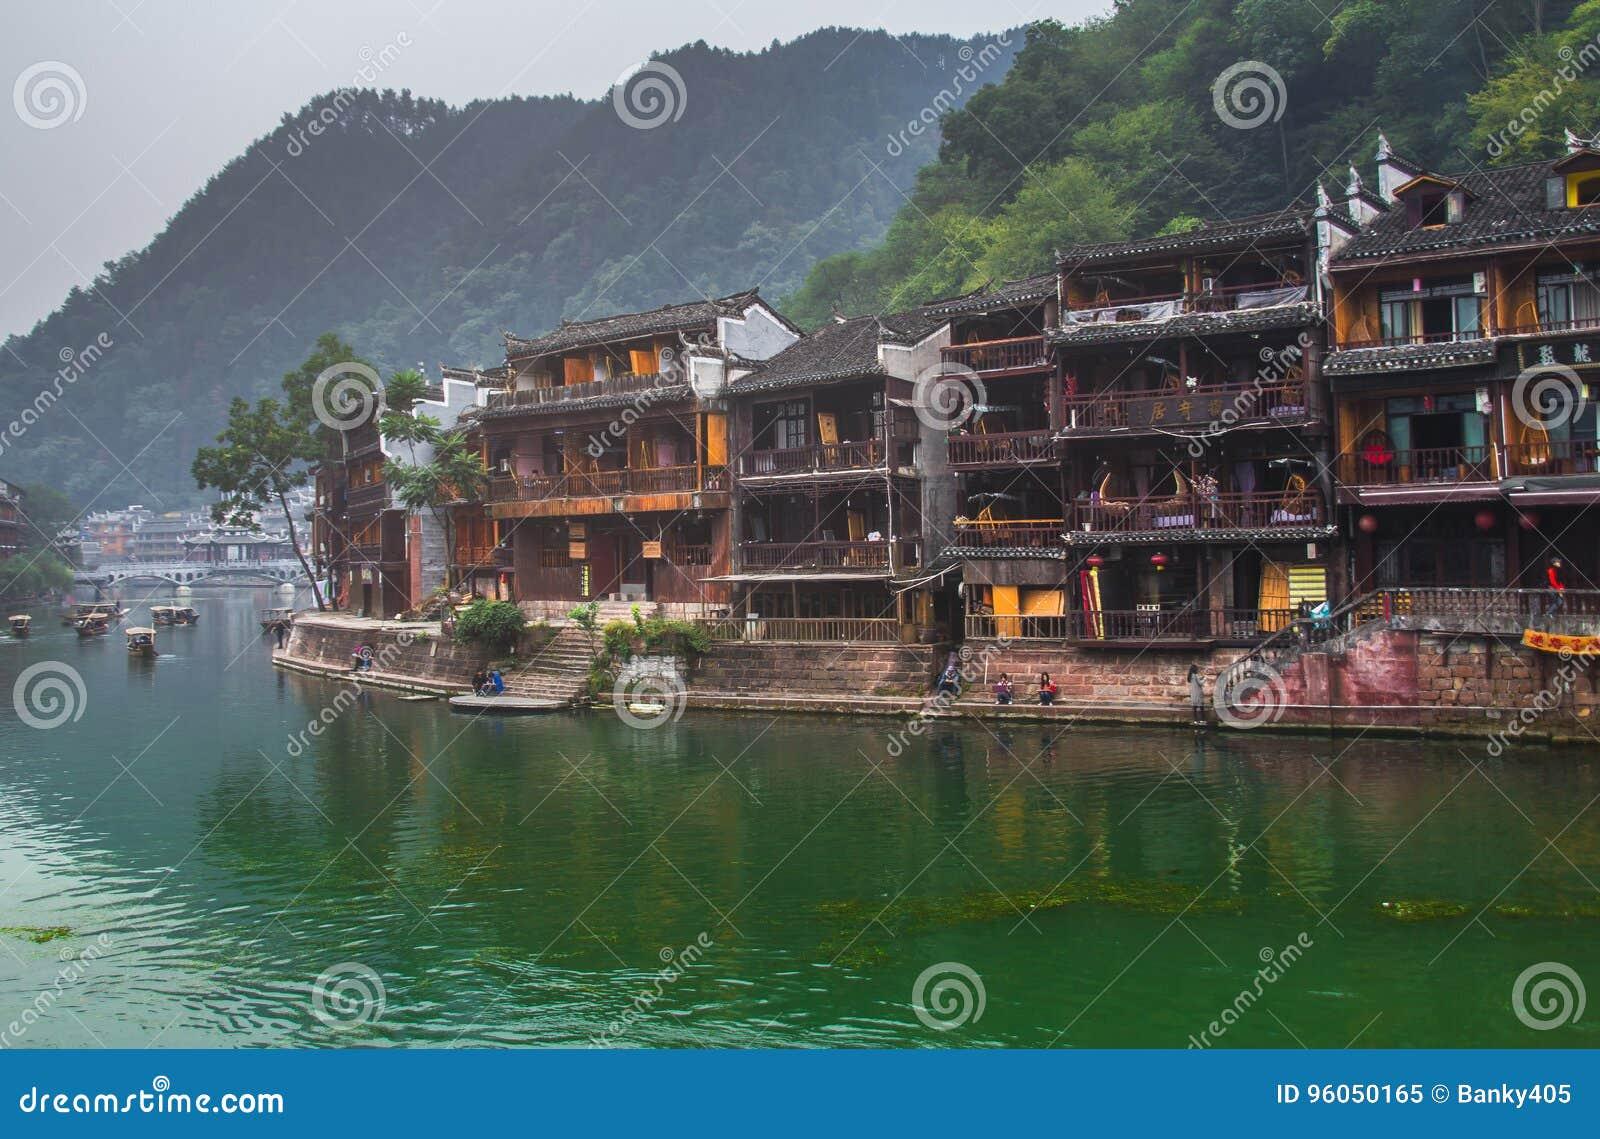 Vieilles maisons dans le comté de Fenghuang le 22 octobre 2013 dans Hunan, Chine La ville antique de Fenghuang a été ajoutée au m